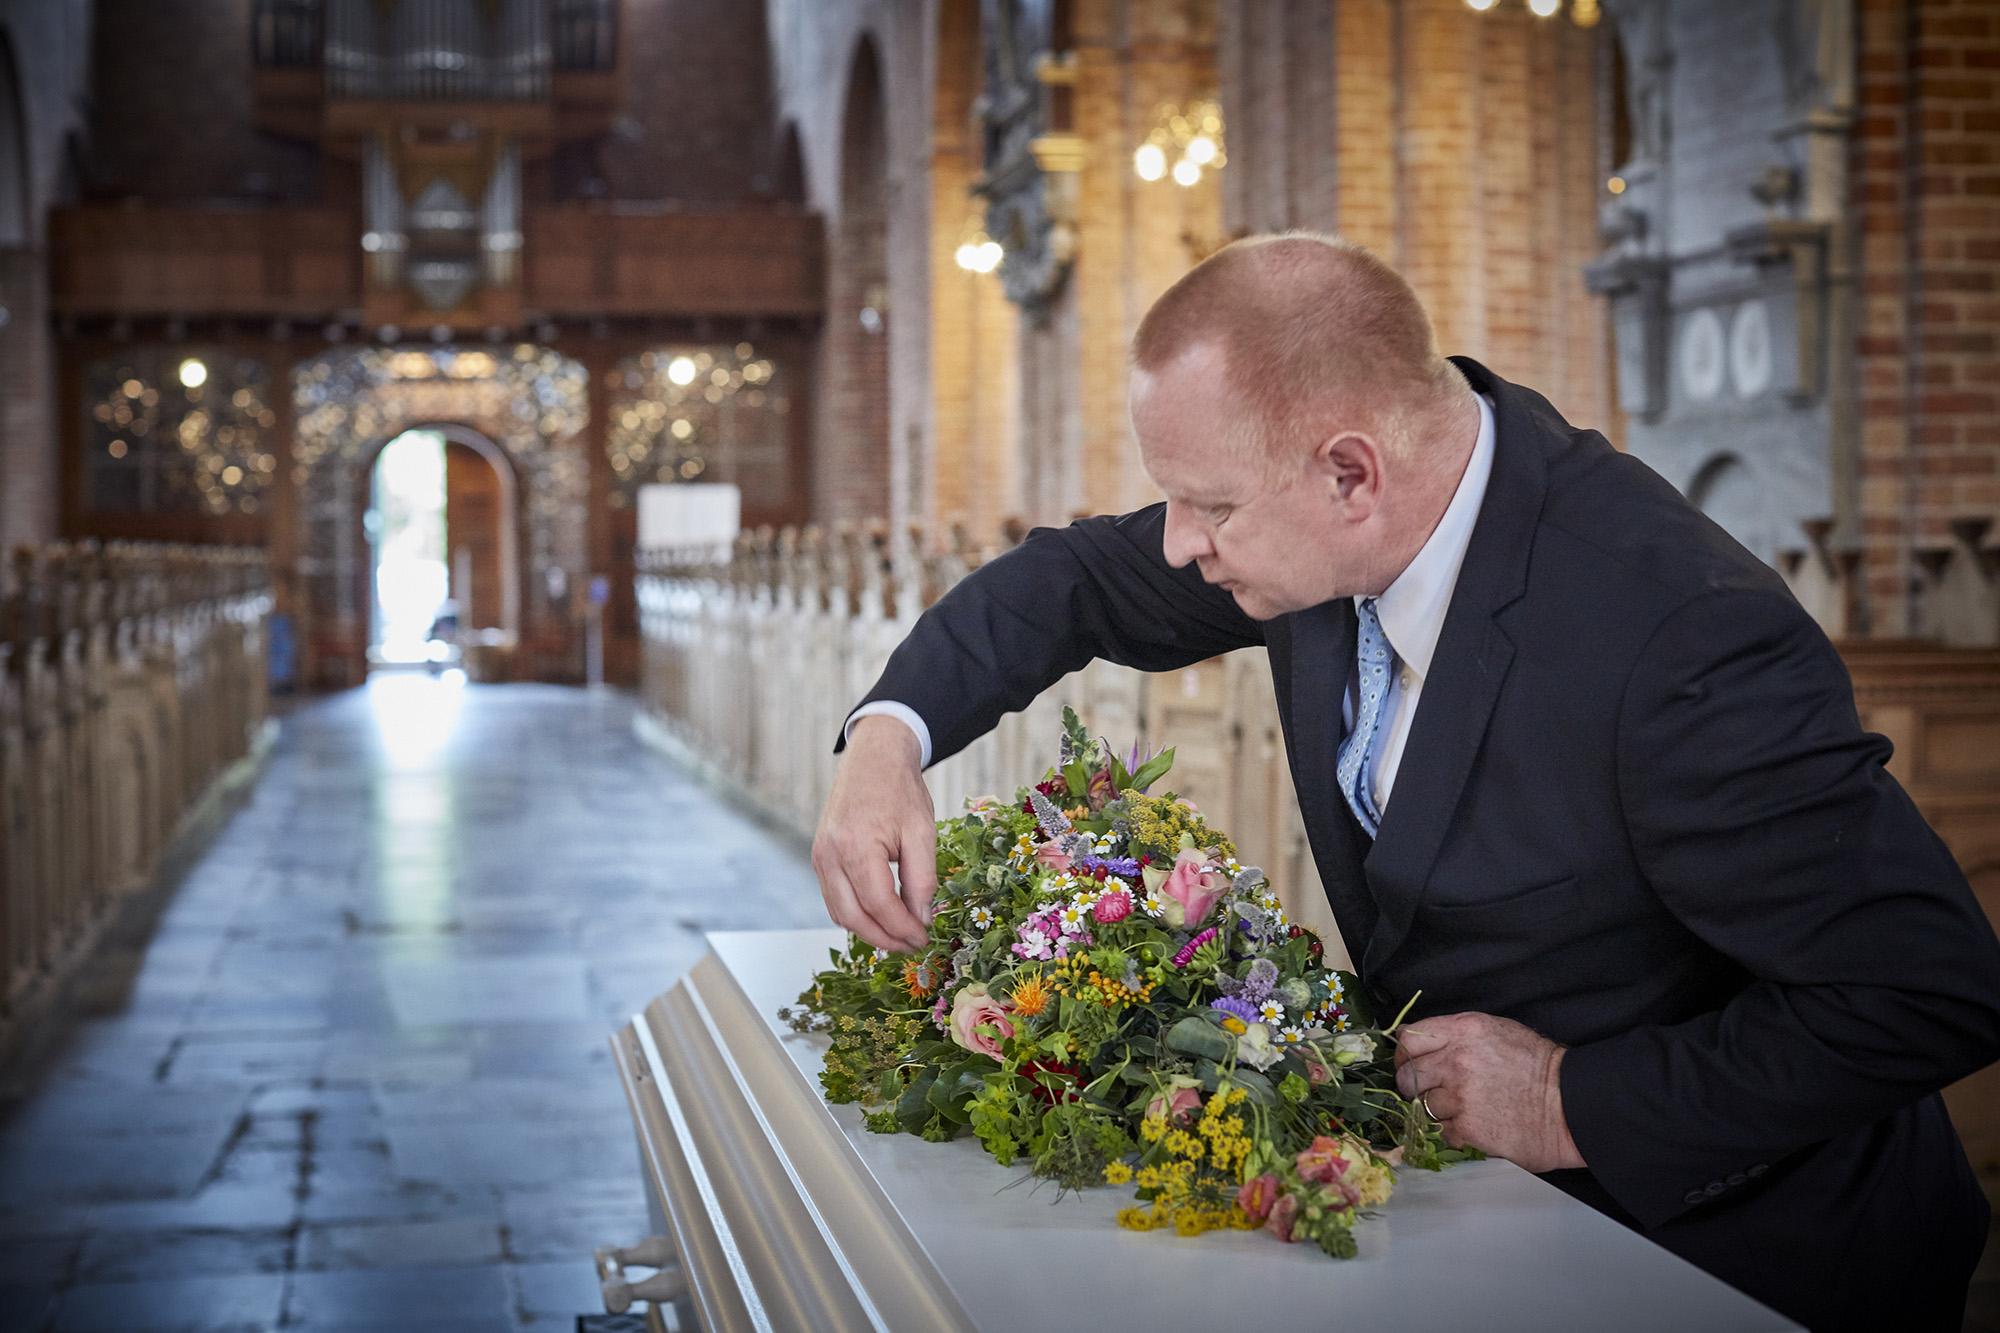 Bedemand Niels Pedersen